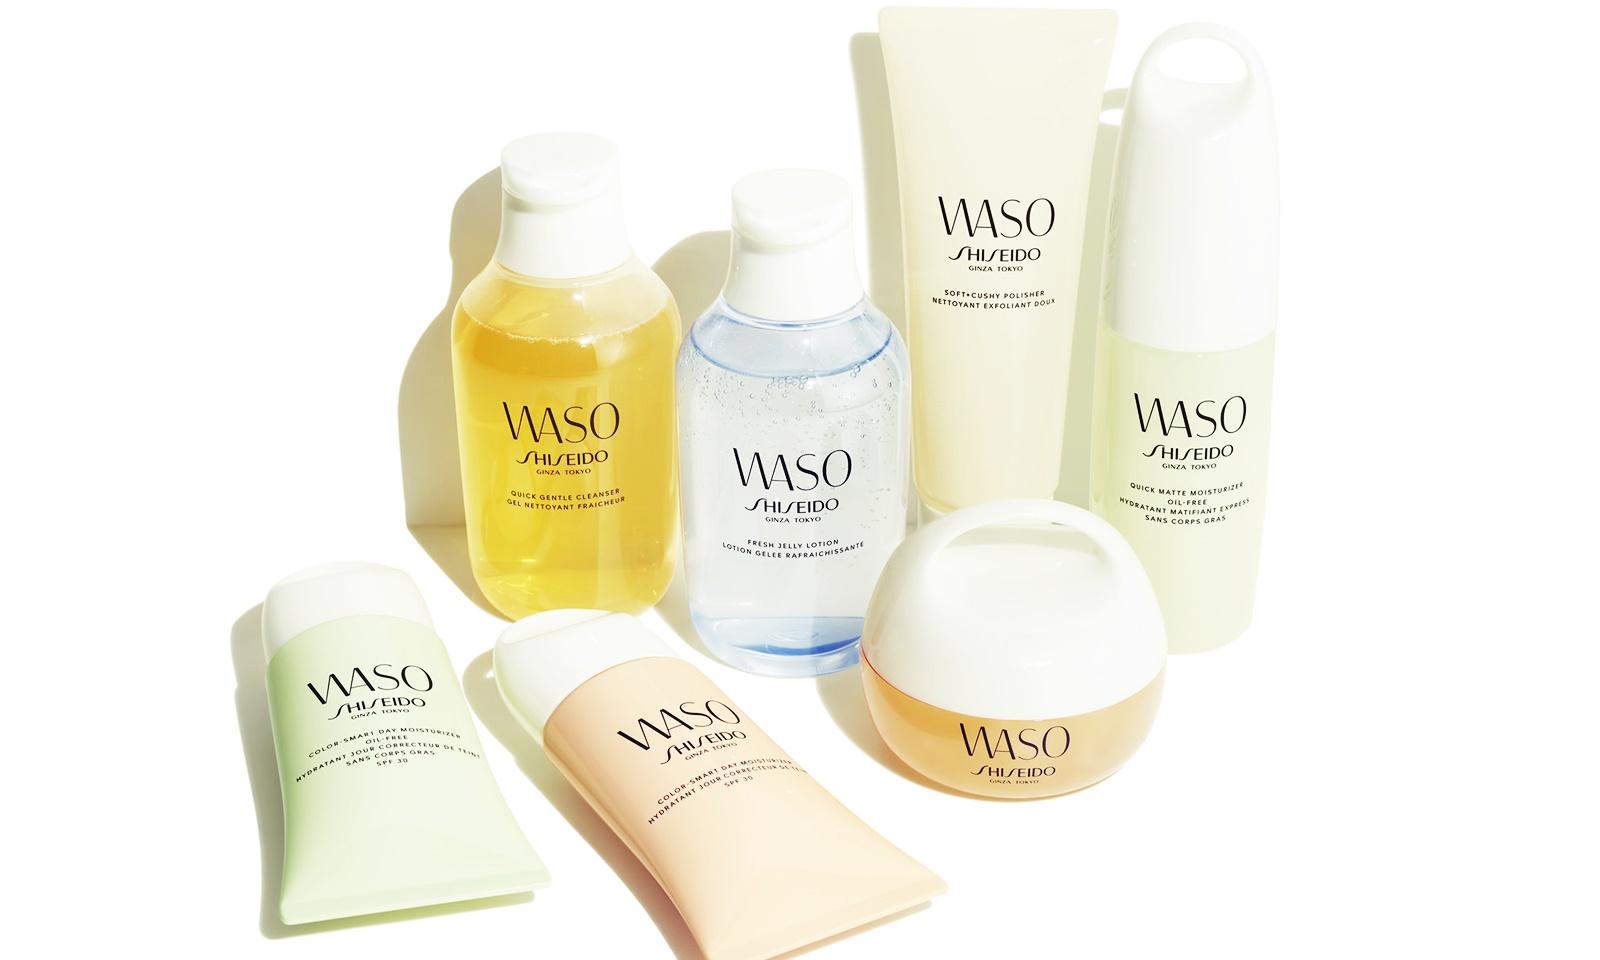 """Shiseido Waso: dòng mỹ phẩm có móc treo độc đáo dành cho những cô nàng mê """"phượt"""""""